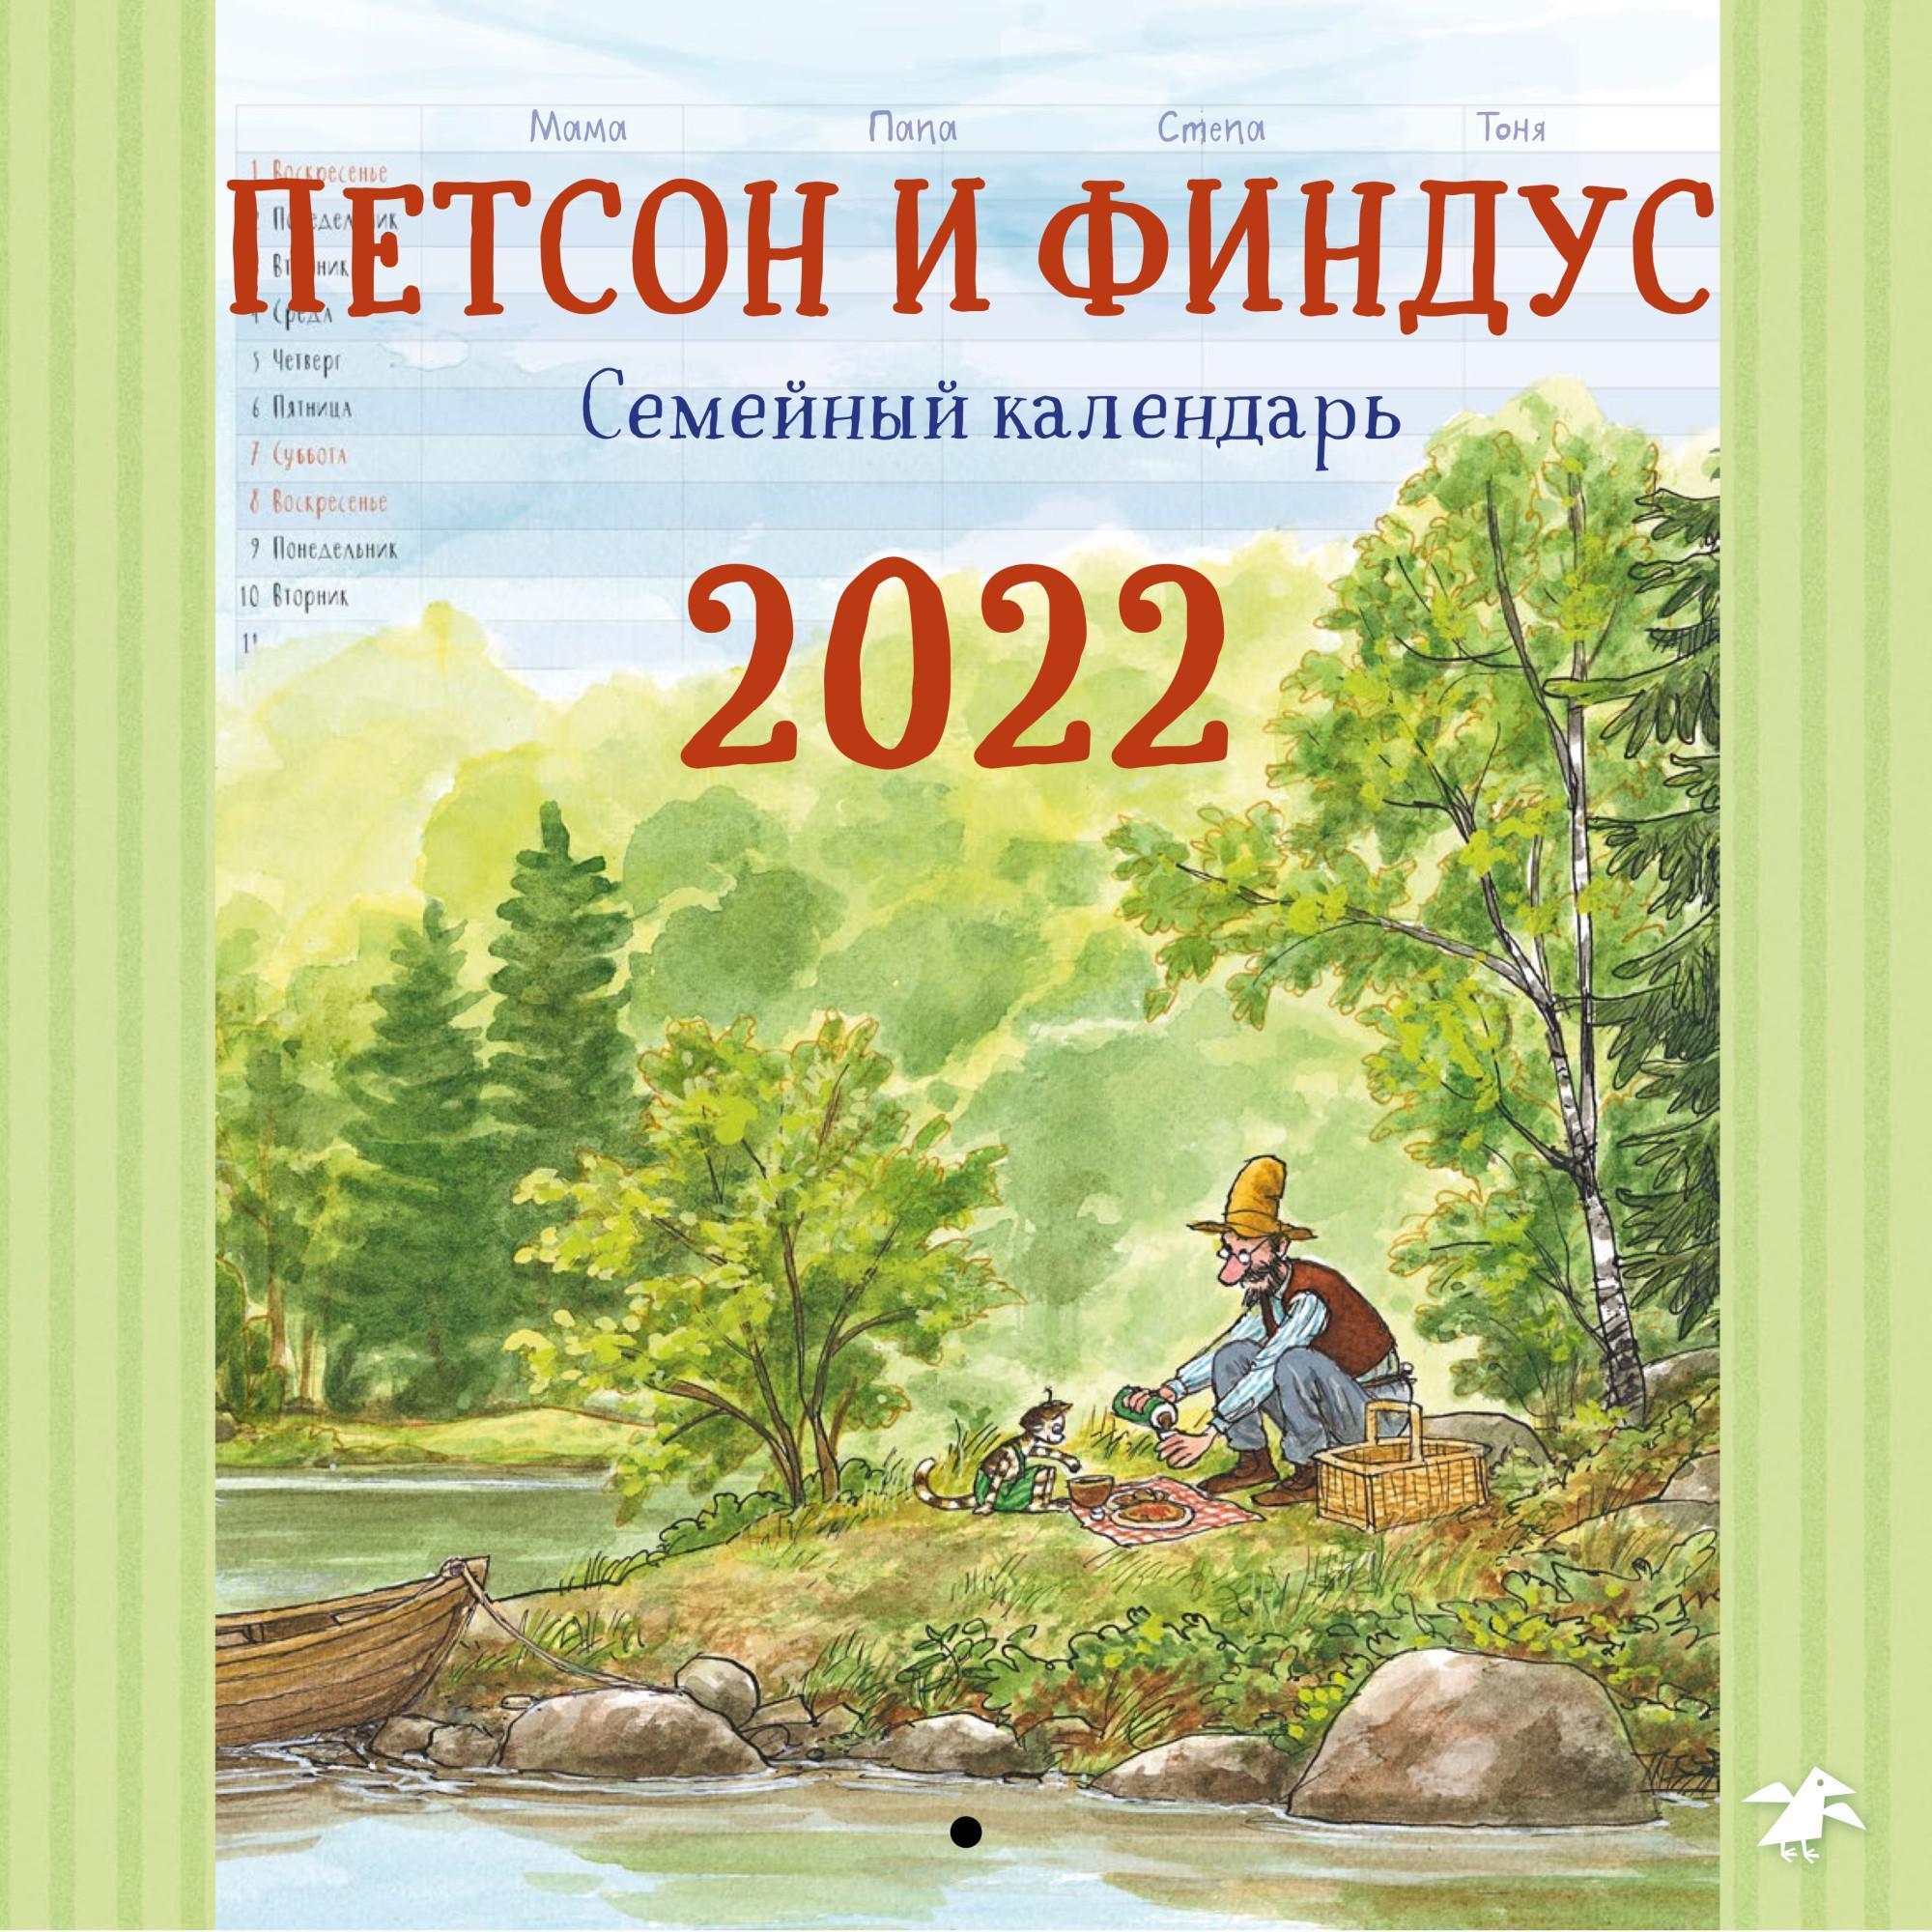 Петсон и Финдус семейный календарь на 2022 год